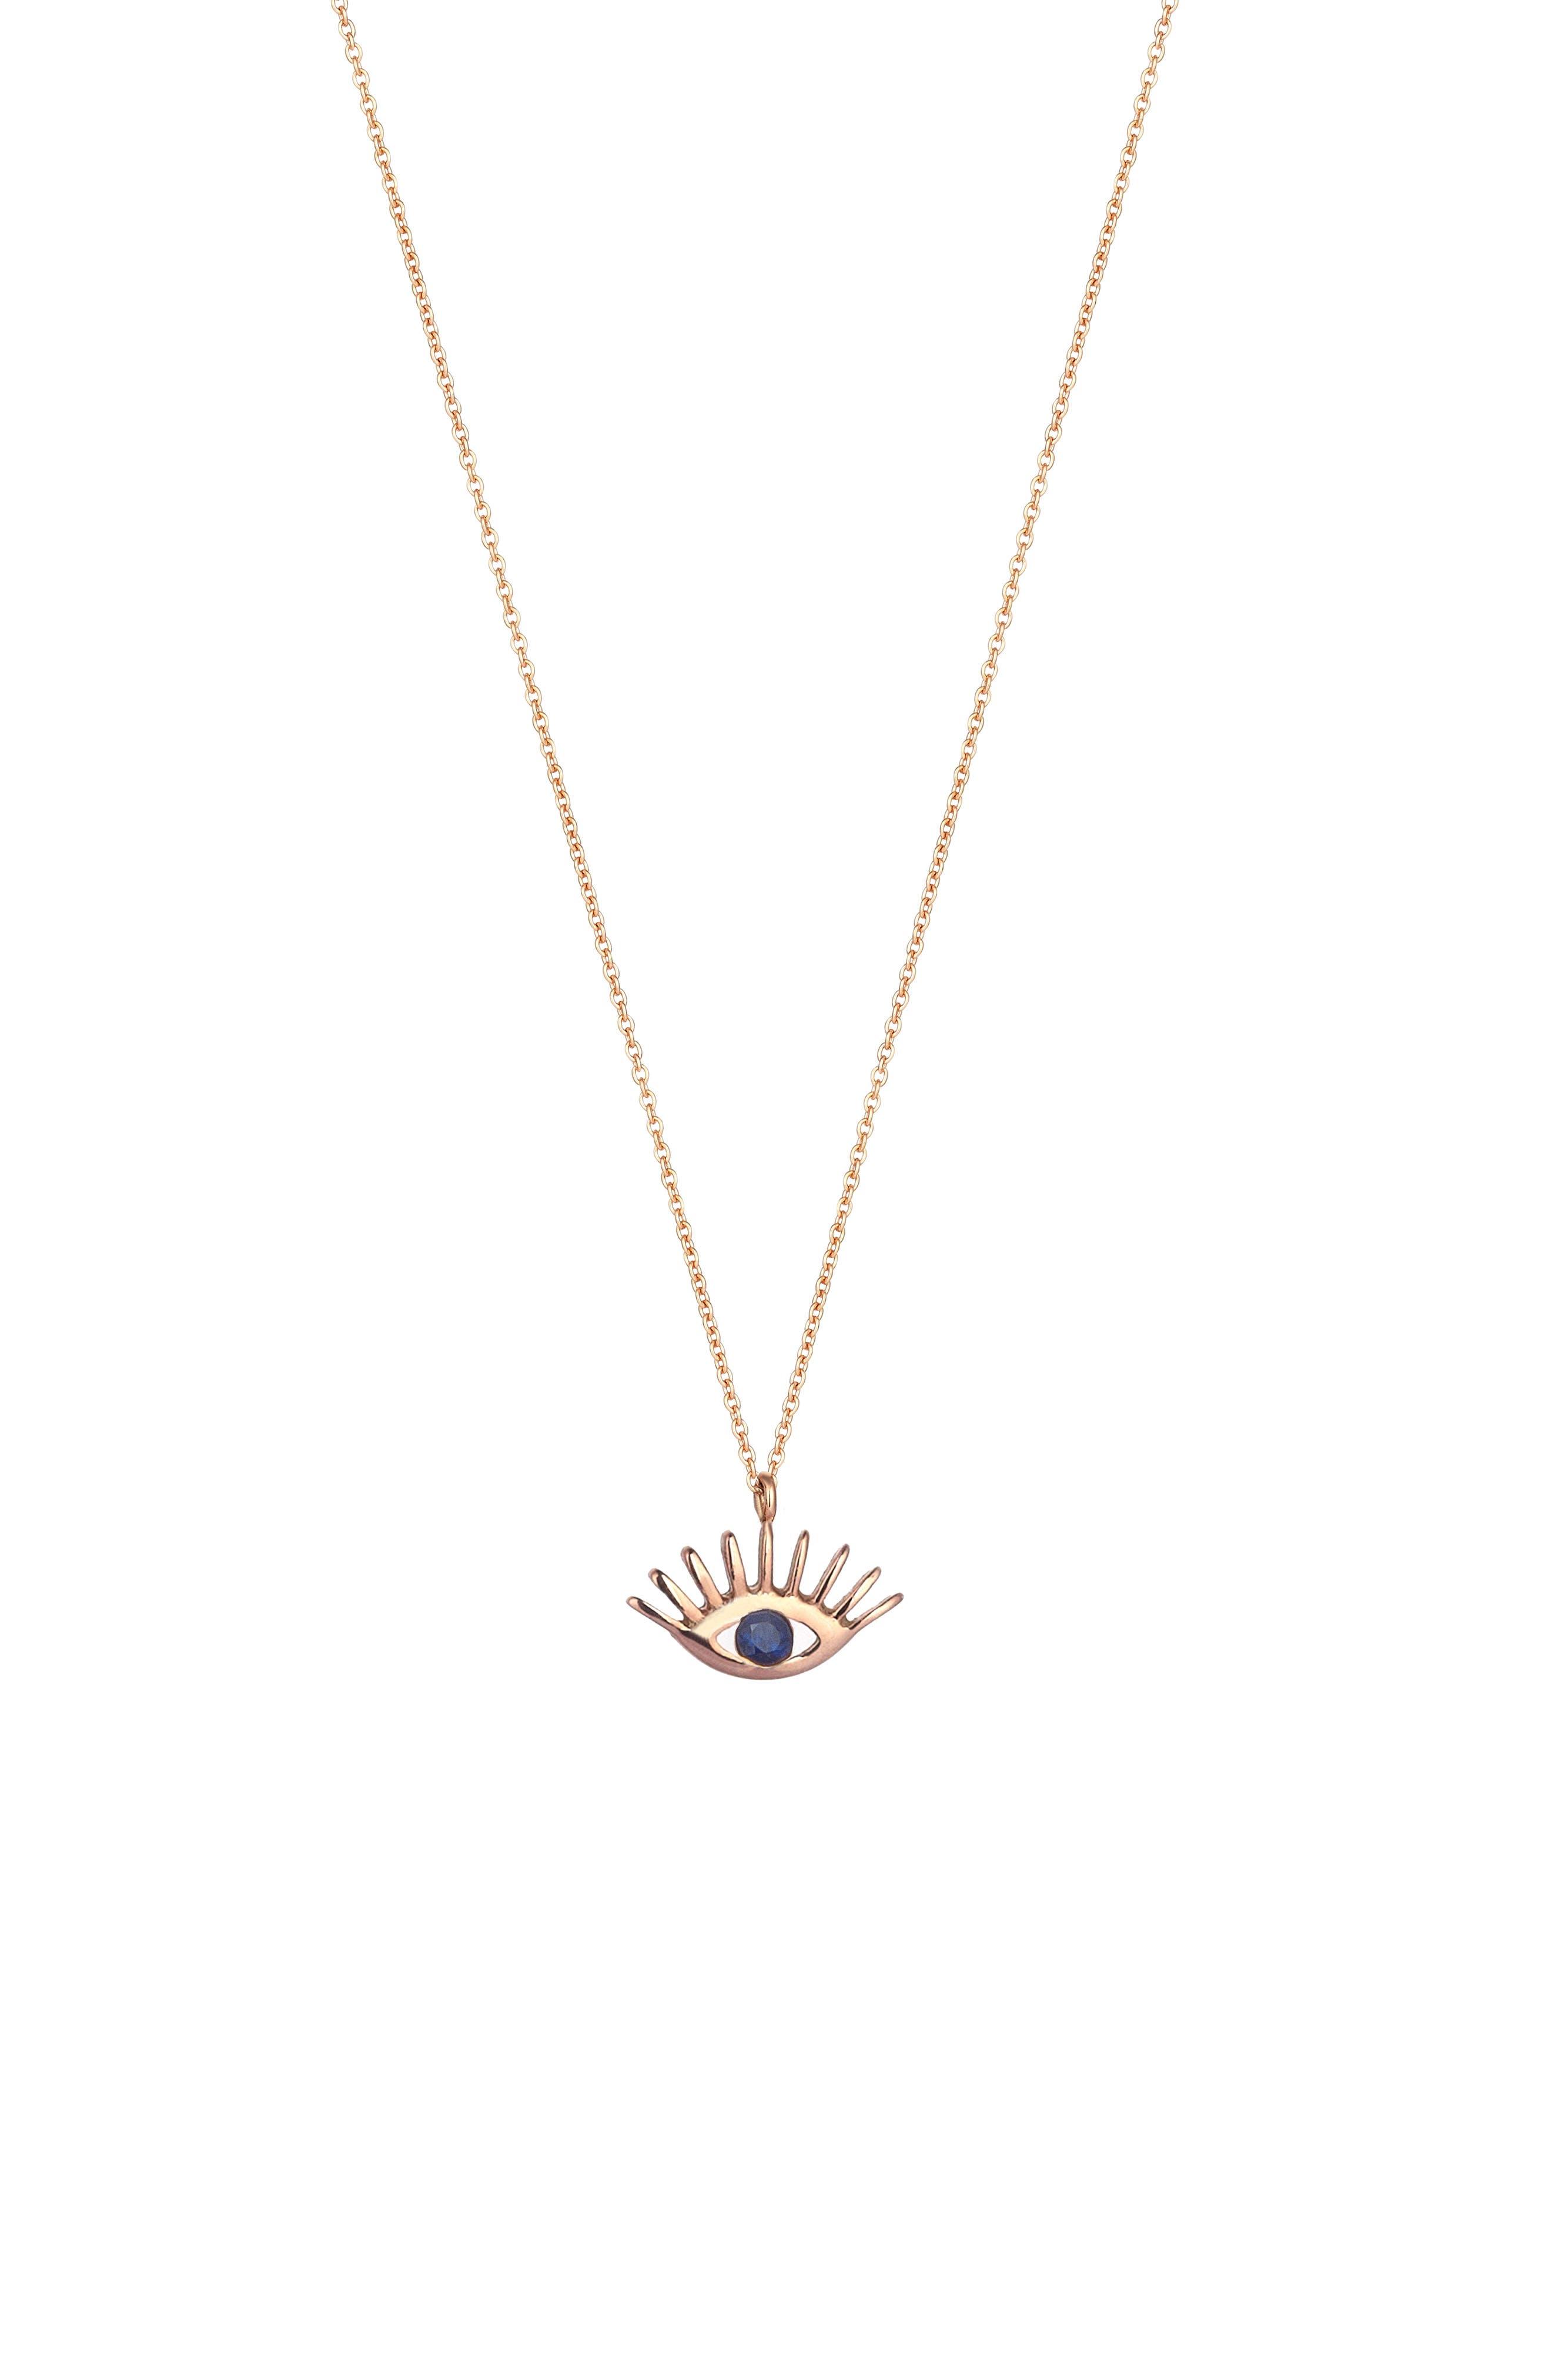 Sapphire Pendant Necklace,                             Main thumbnail 1, color,                             ROSE GOLD